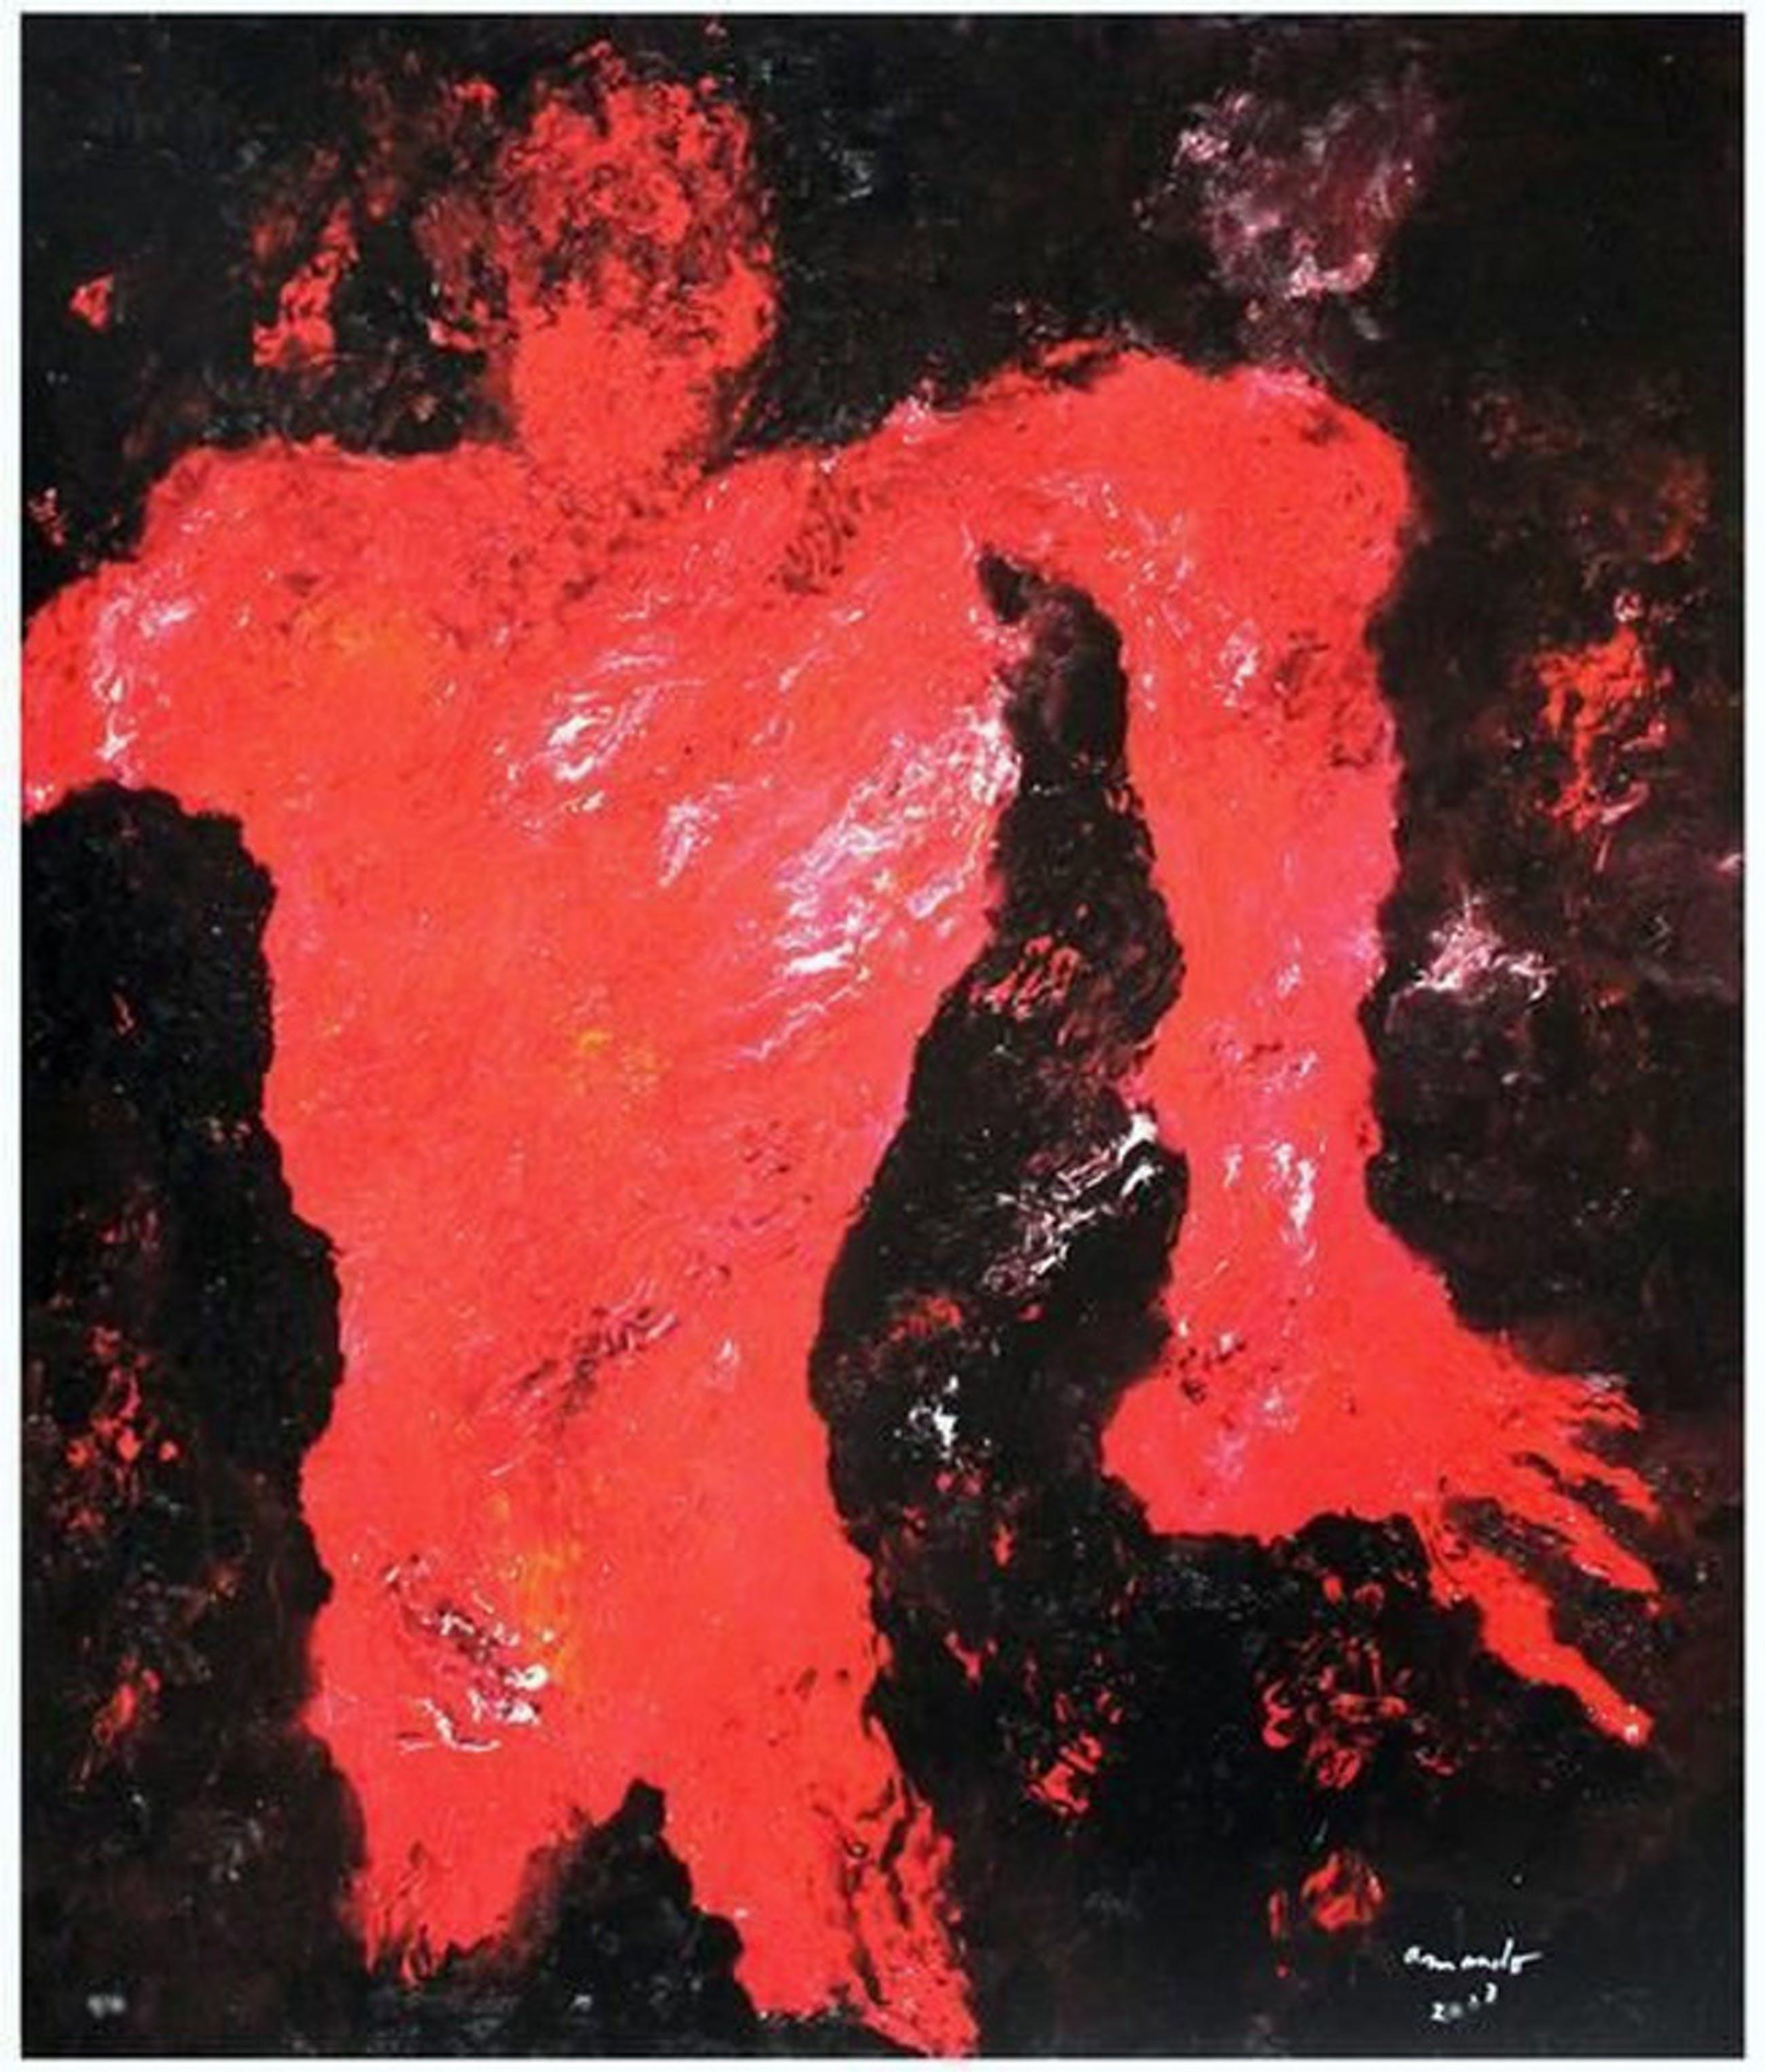 Armando 'Gestalt' - Gesigneerde giclee op doek, oplage 7/33., 2013 kopen? Bied vanaf 275!